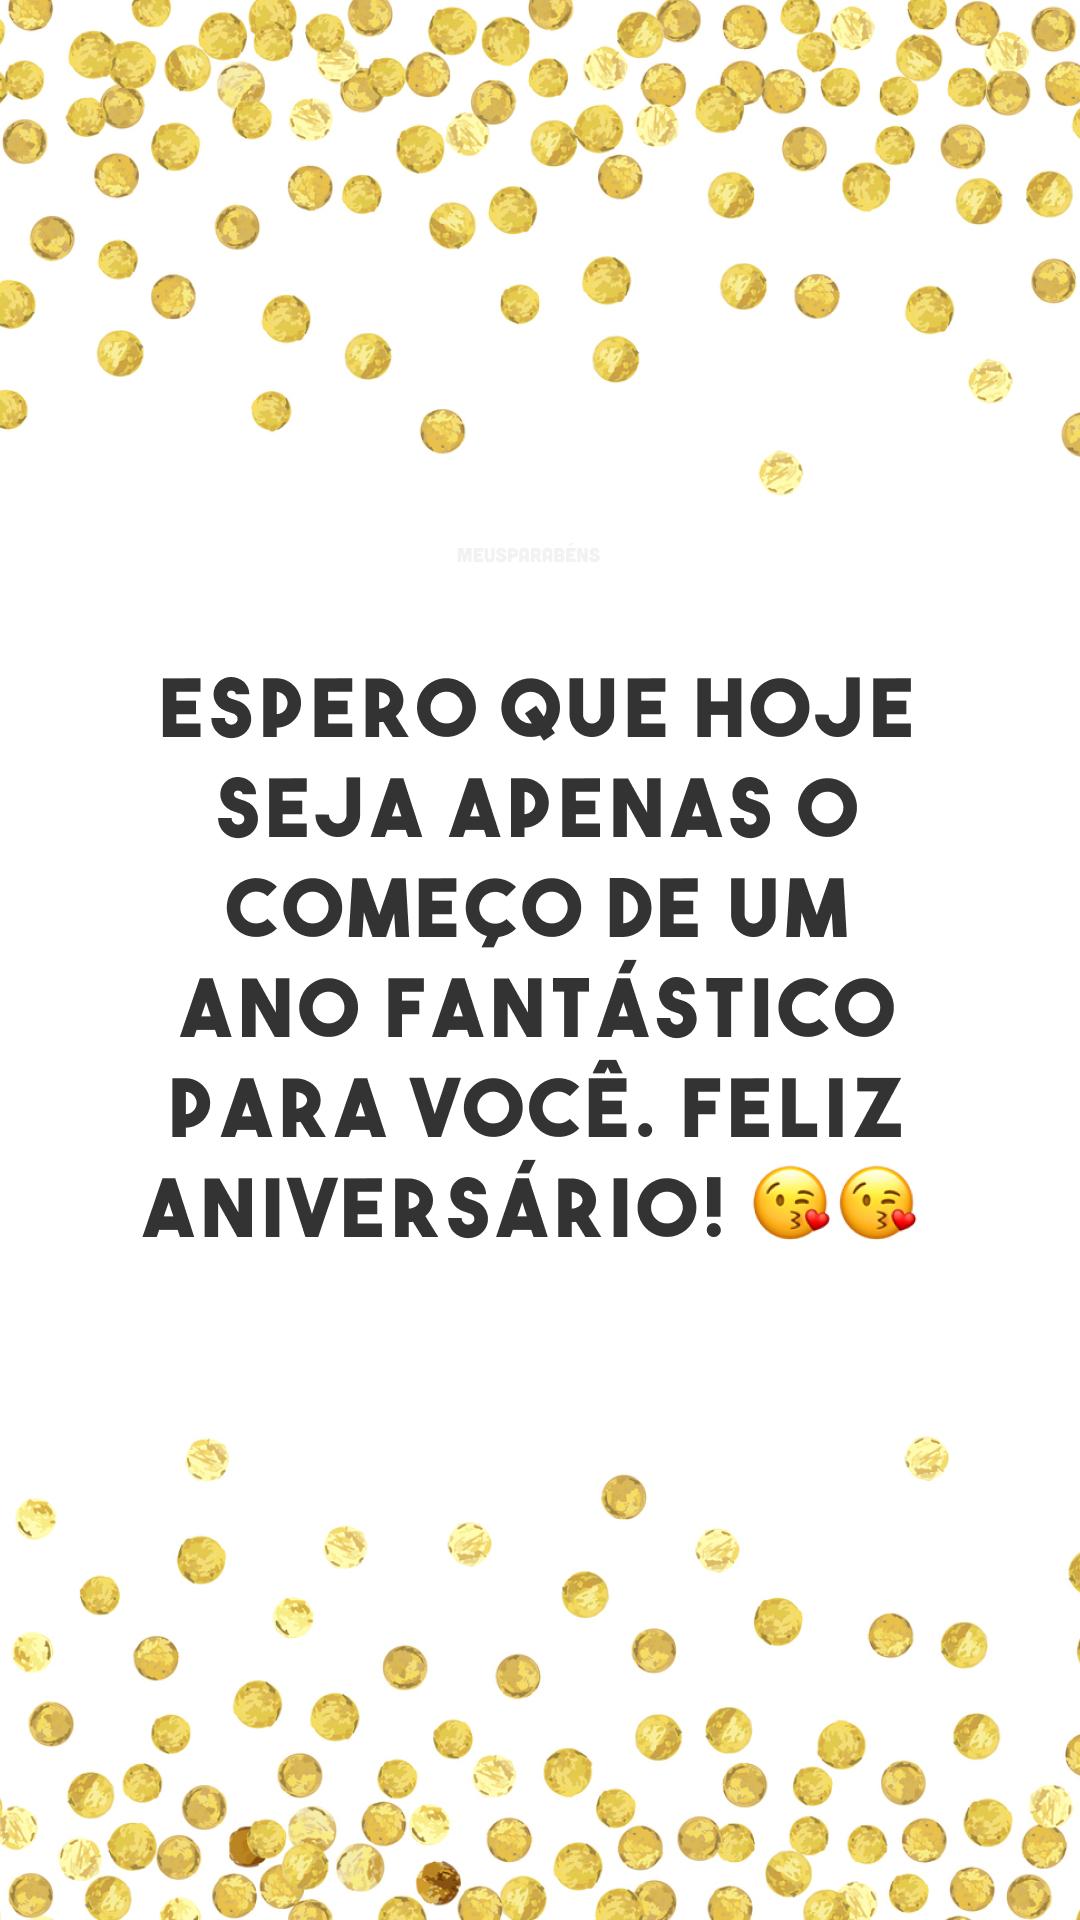 Espero que hoje seja apenas o começo de um ano fantástico para você. Feliz aniversário! 😘😘<br />